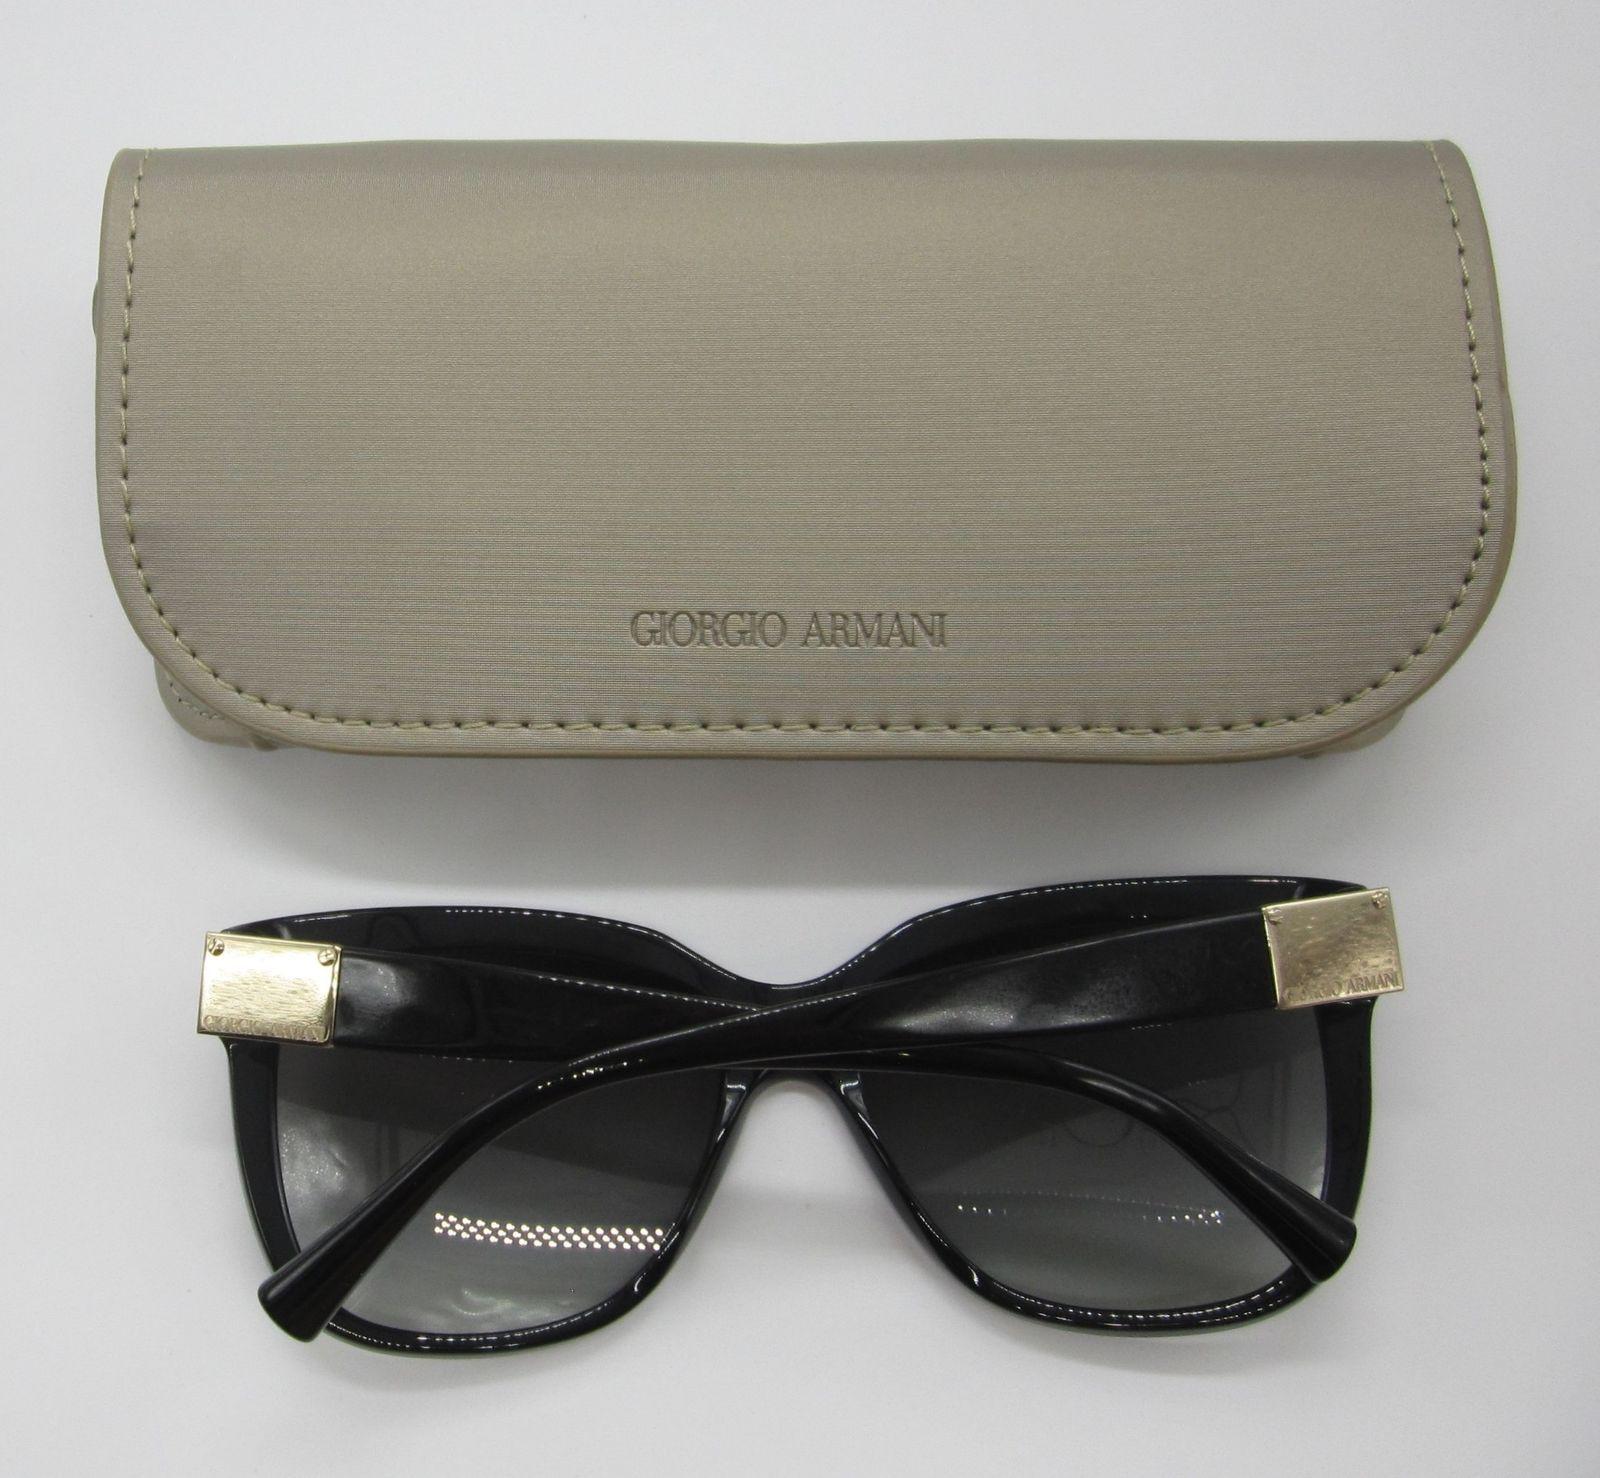 785b075072f Armani Sunglasses Case « One More Soul